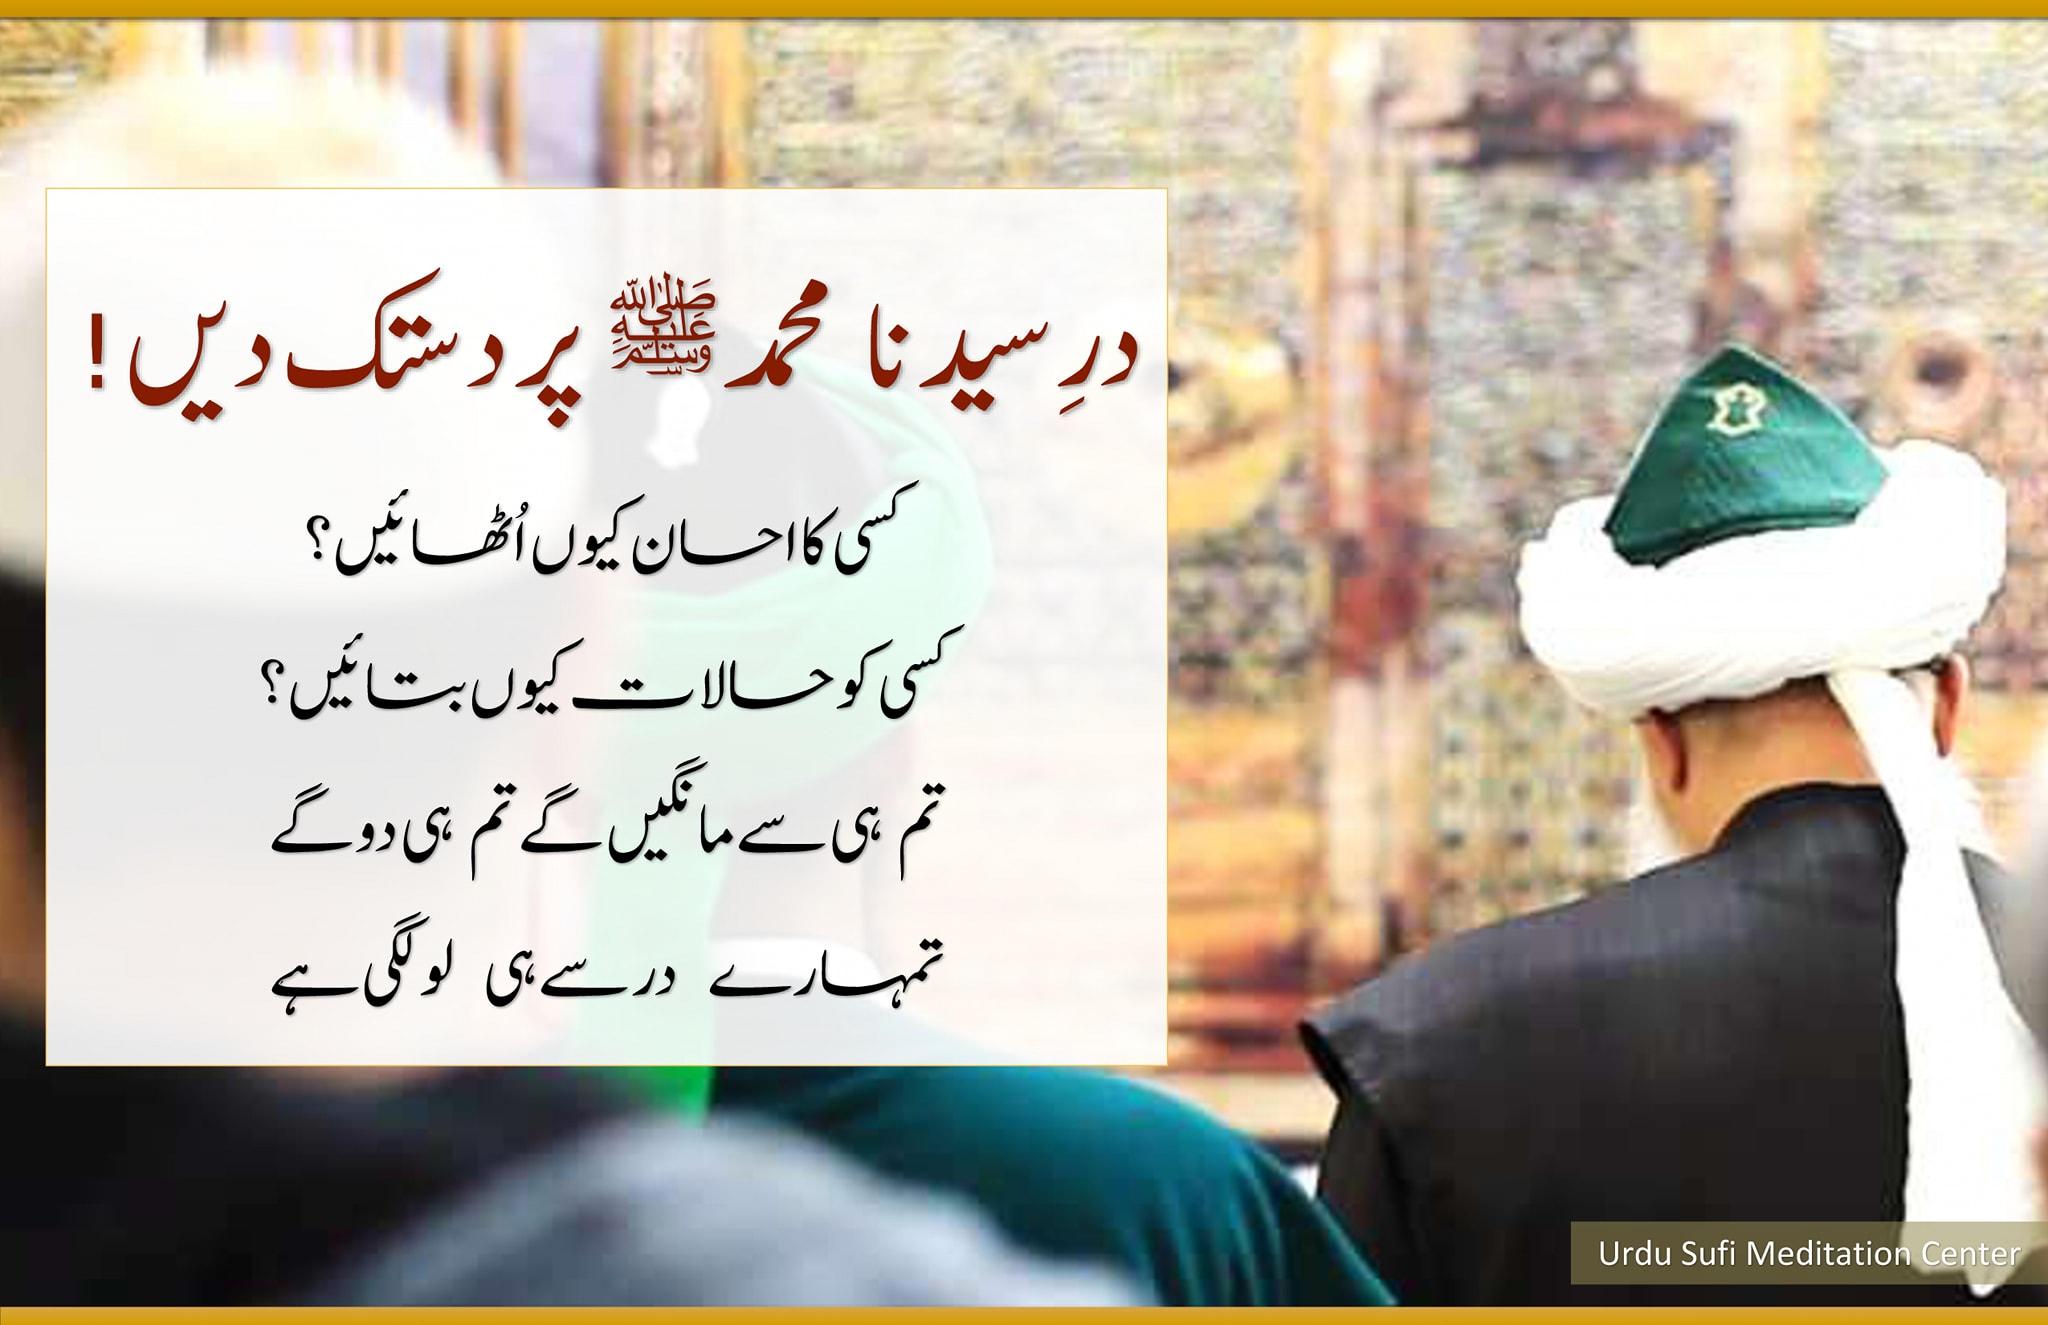 |جب مشکلات کا سامنا ہو تو درِ سیدنا محمد (ﷺ)  پر دستک دیں|  |Jab Mushkilat ka sa...